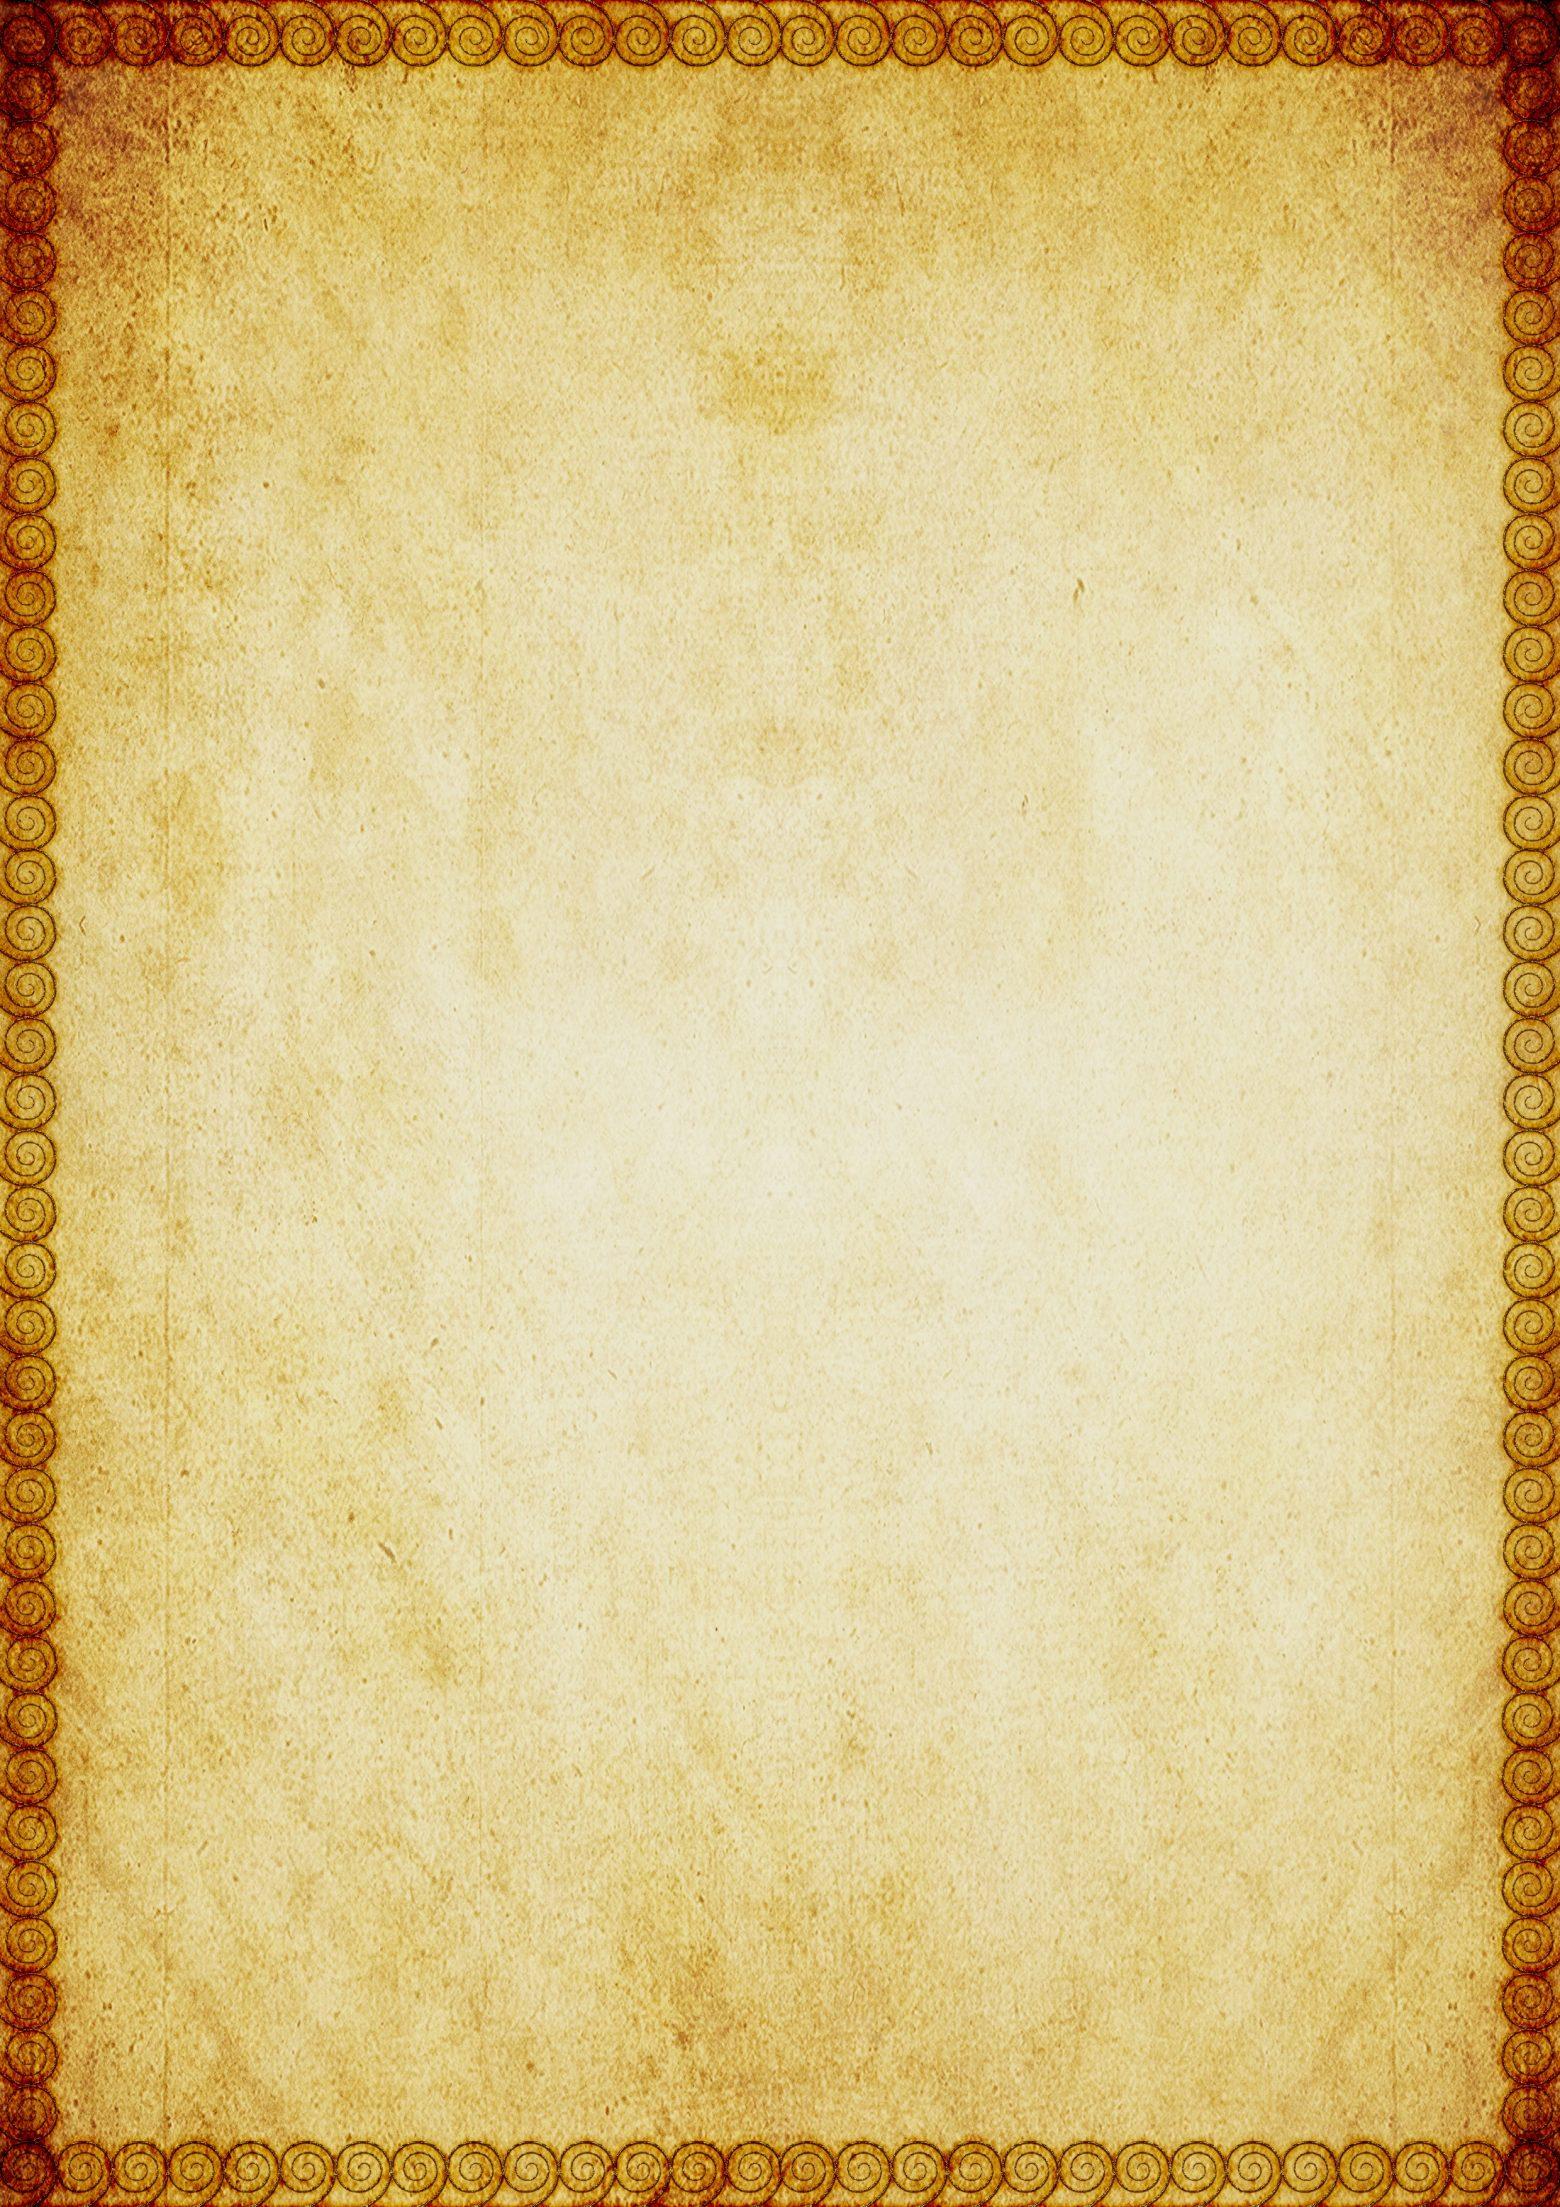 frame-2978440